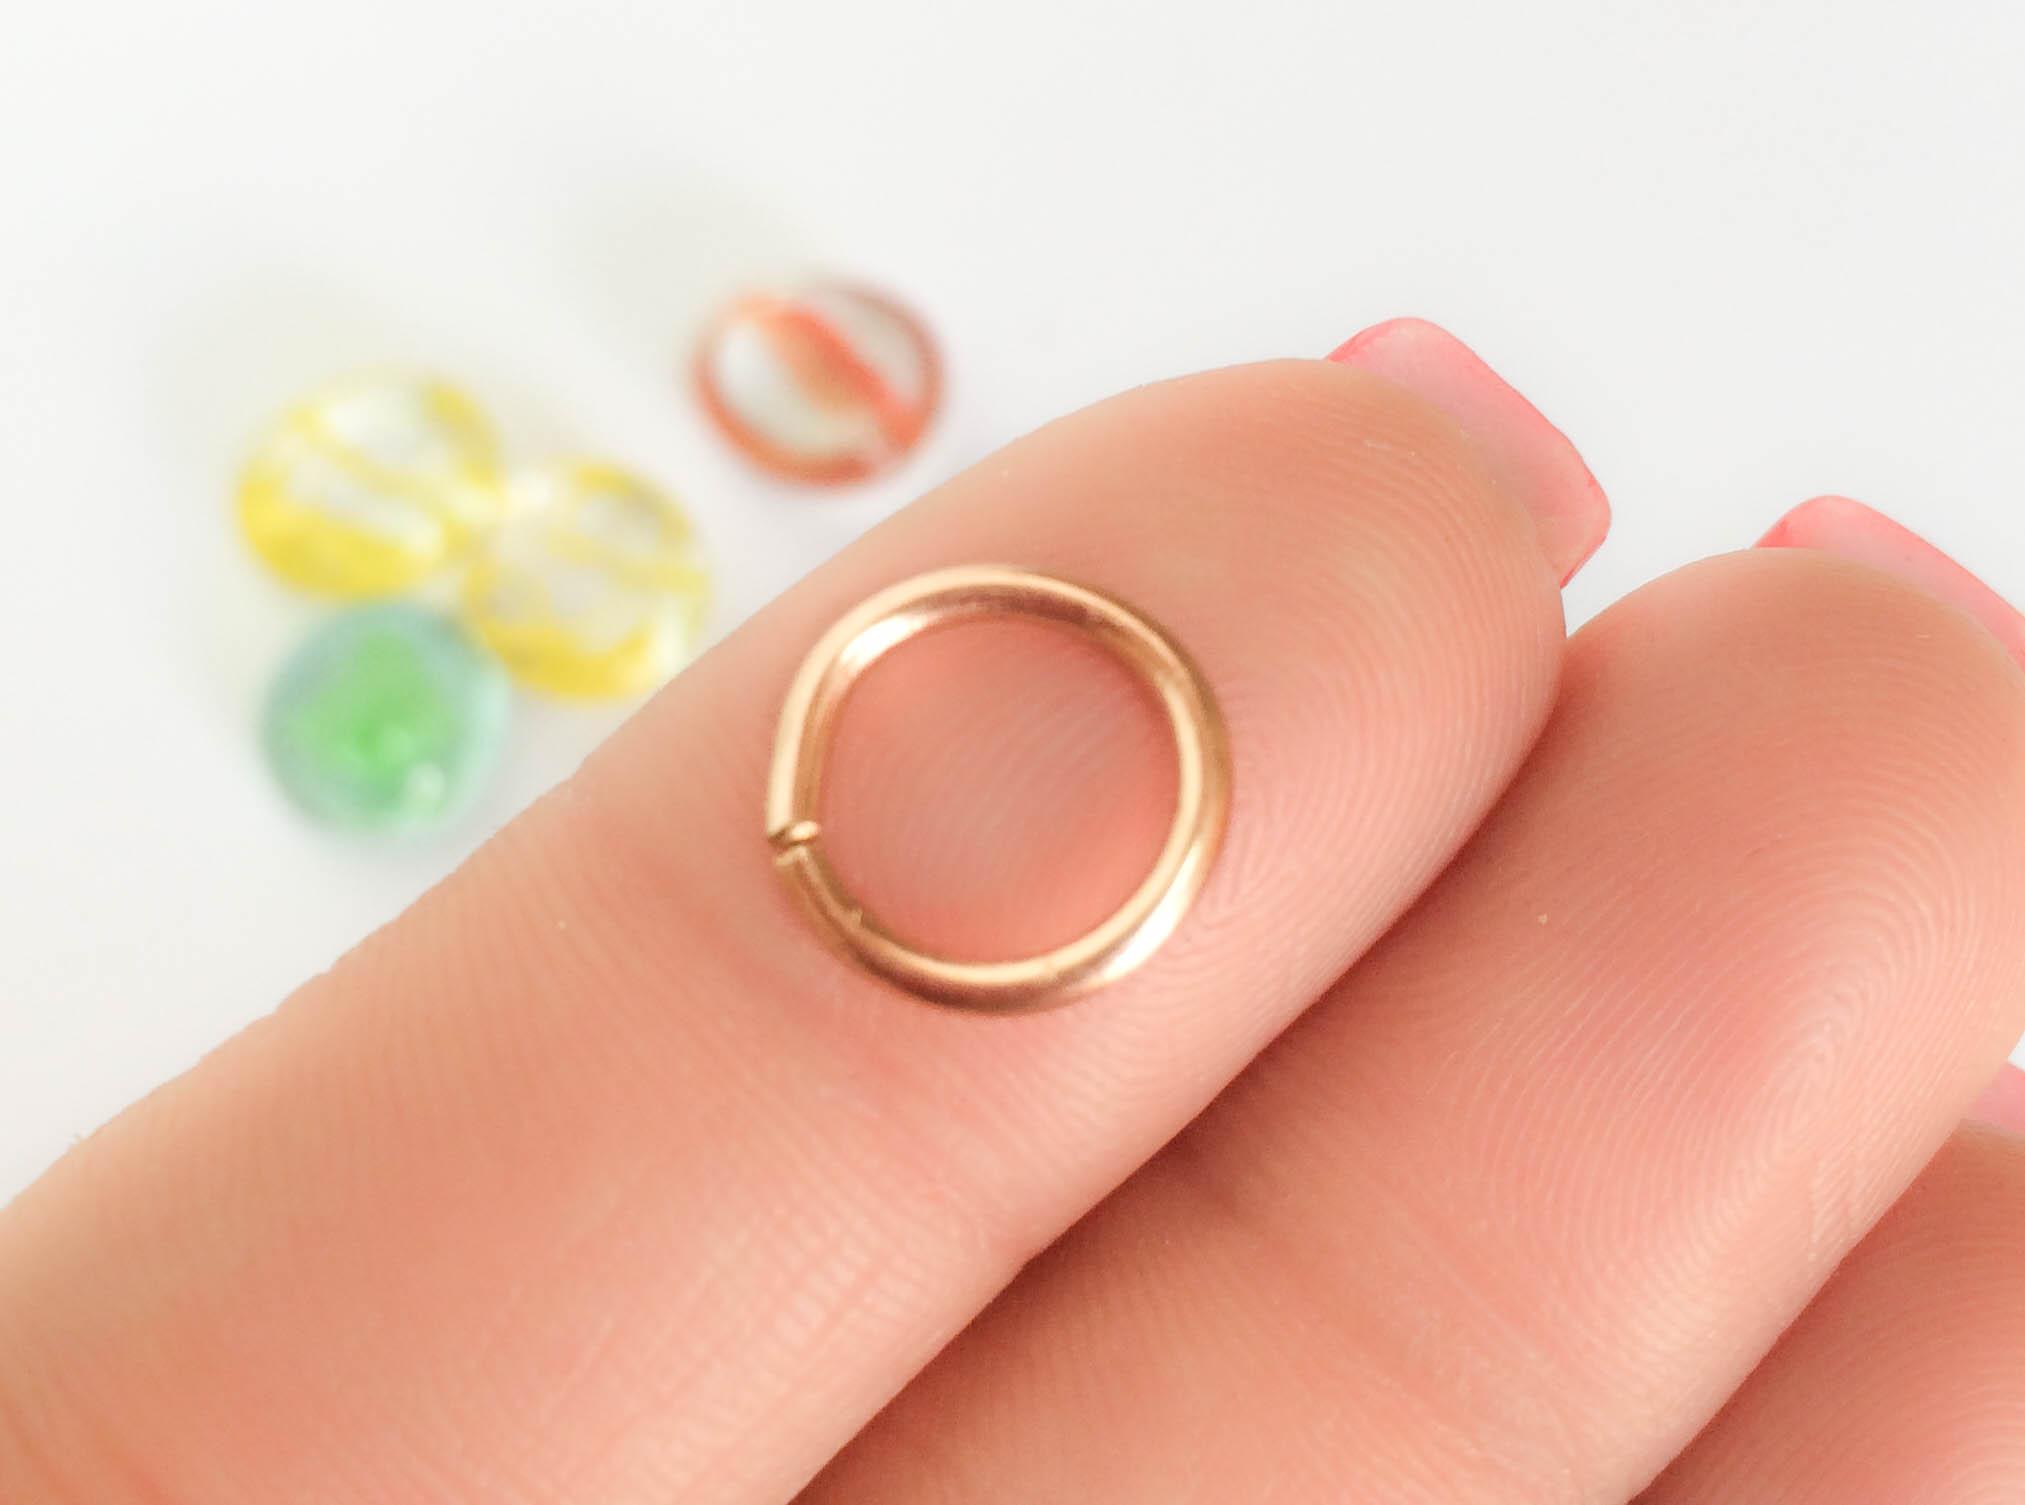 14 Gauge Septum Ring Piercing